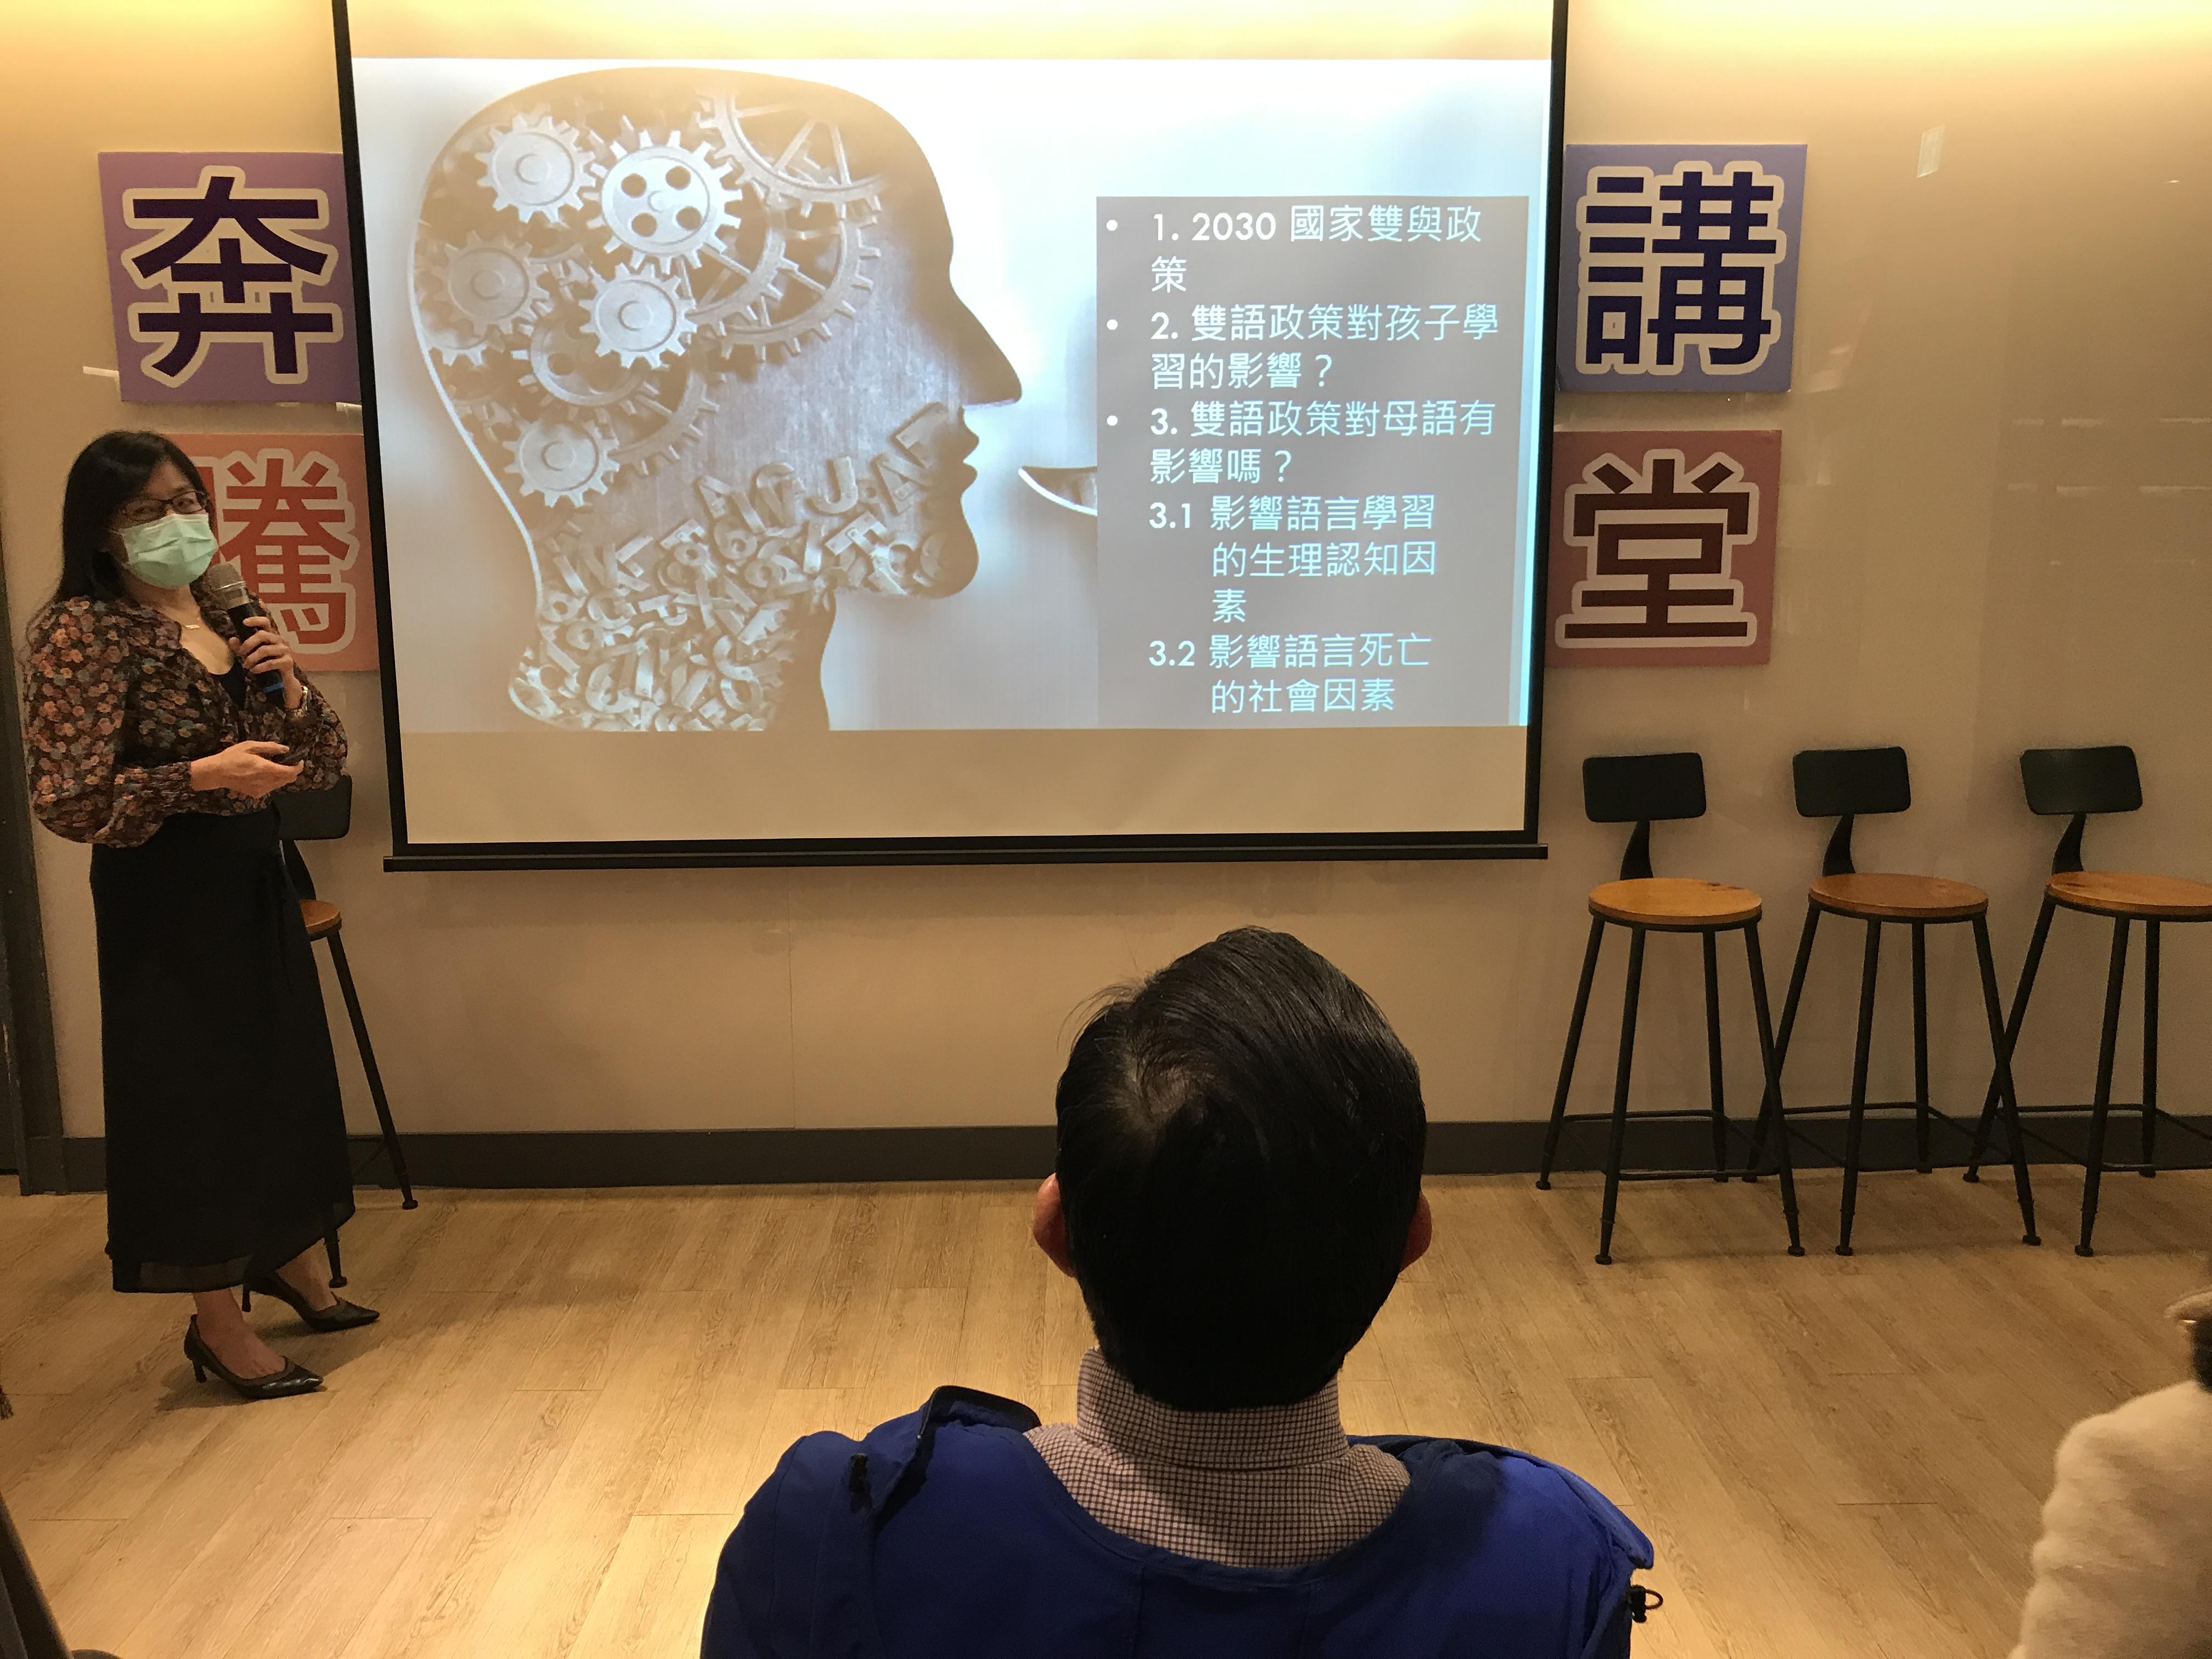 【劉怡君觀點】從他國語言政策,談臺灣雙語教育